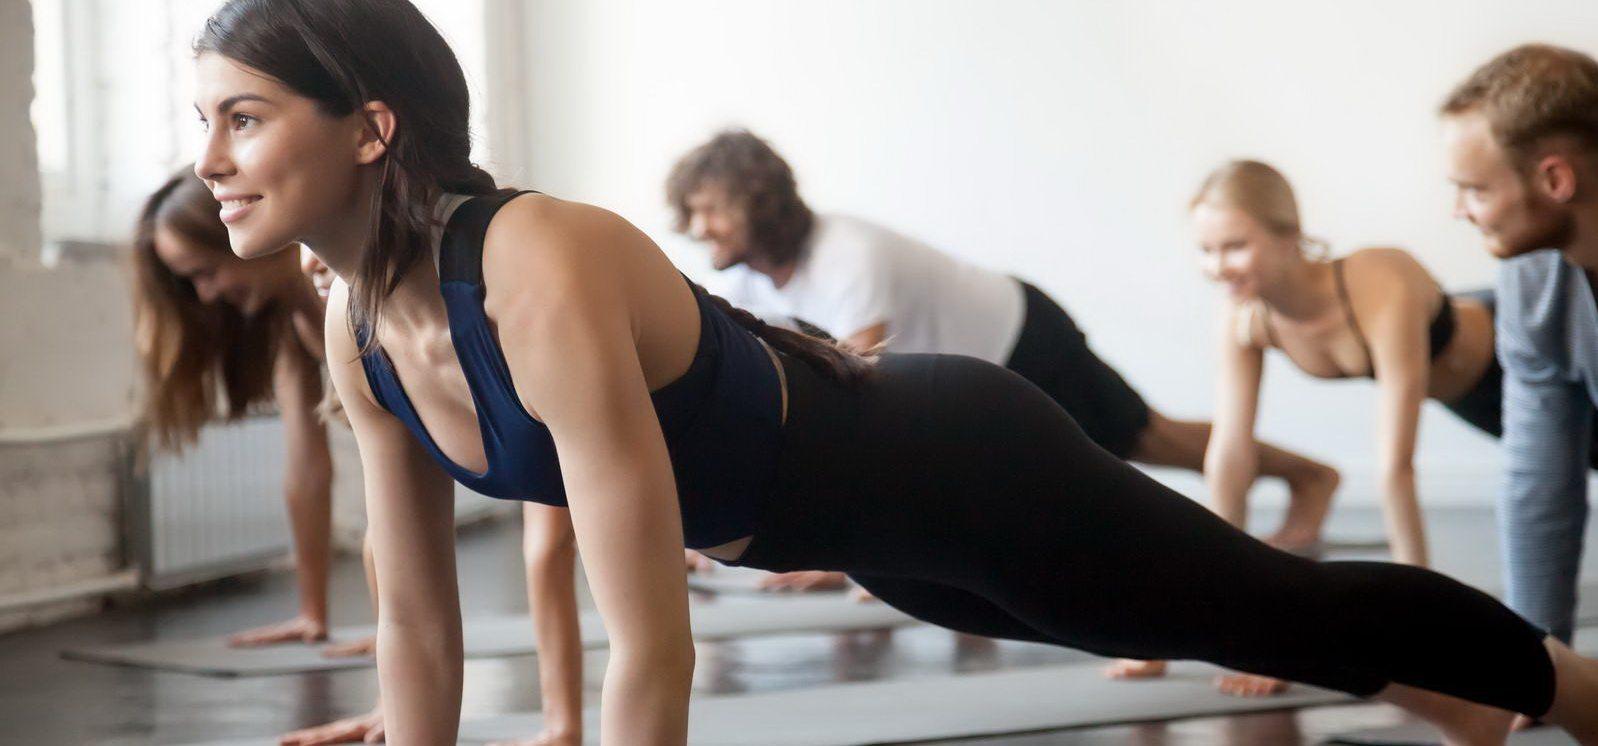 leaderfit-cours-pilates-yoga-bien-etre-corporel-north-miami-s-03